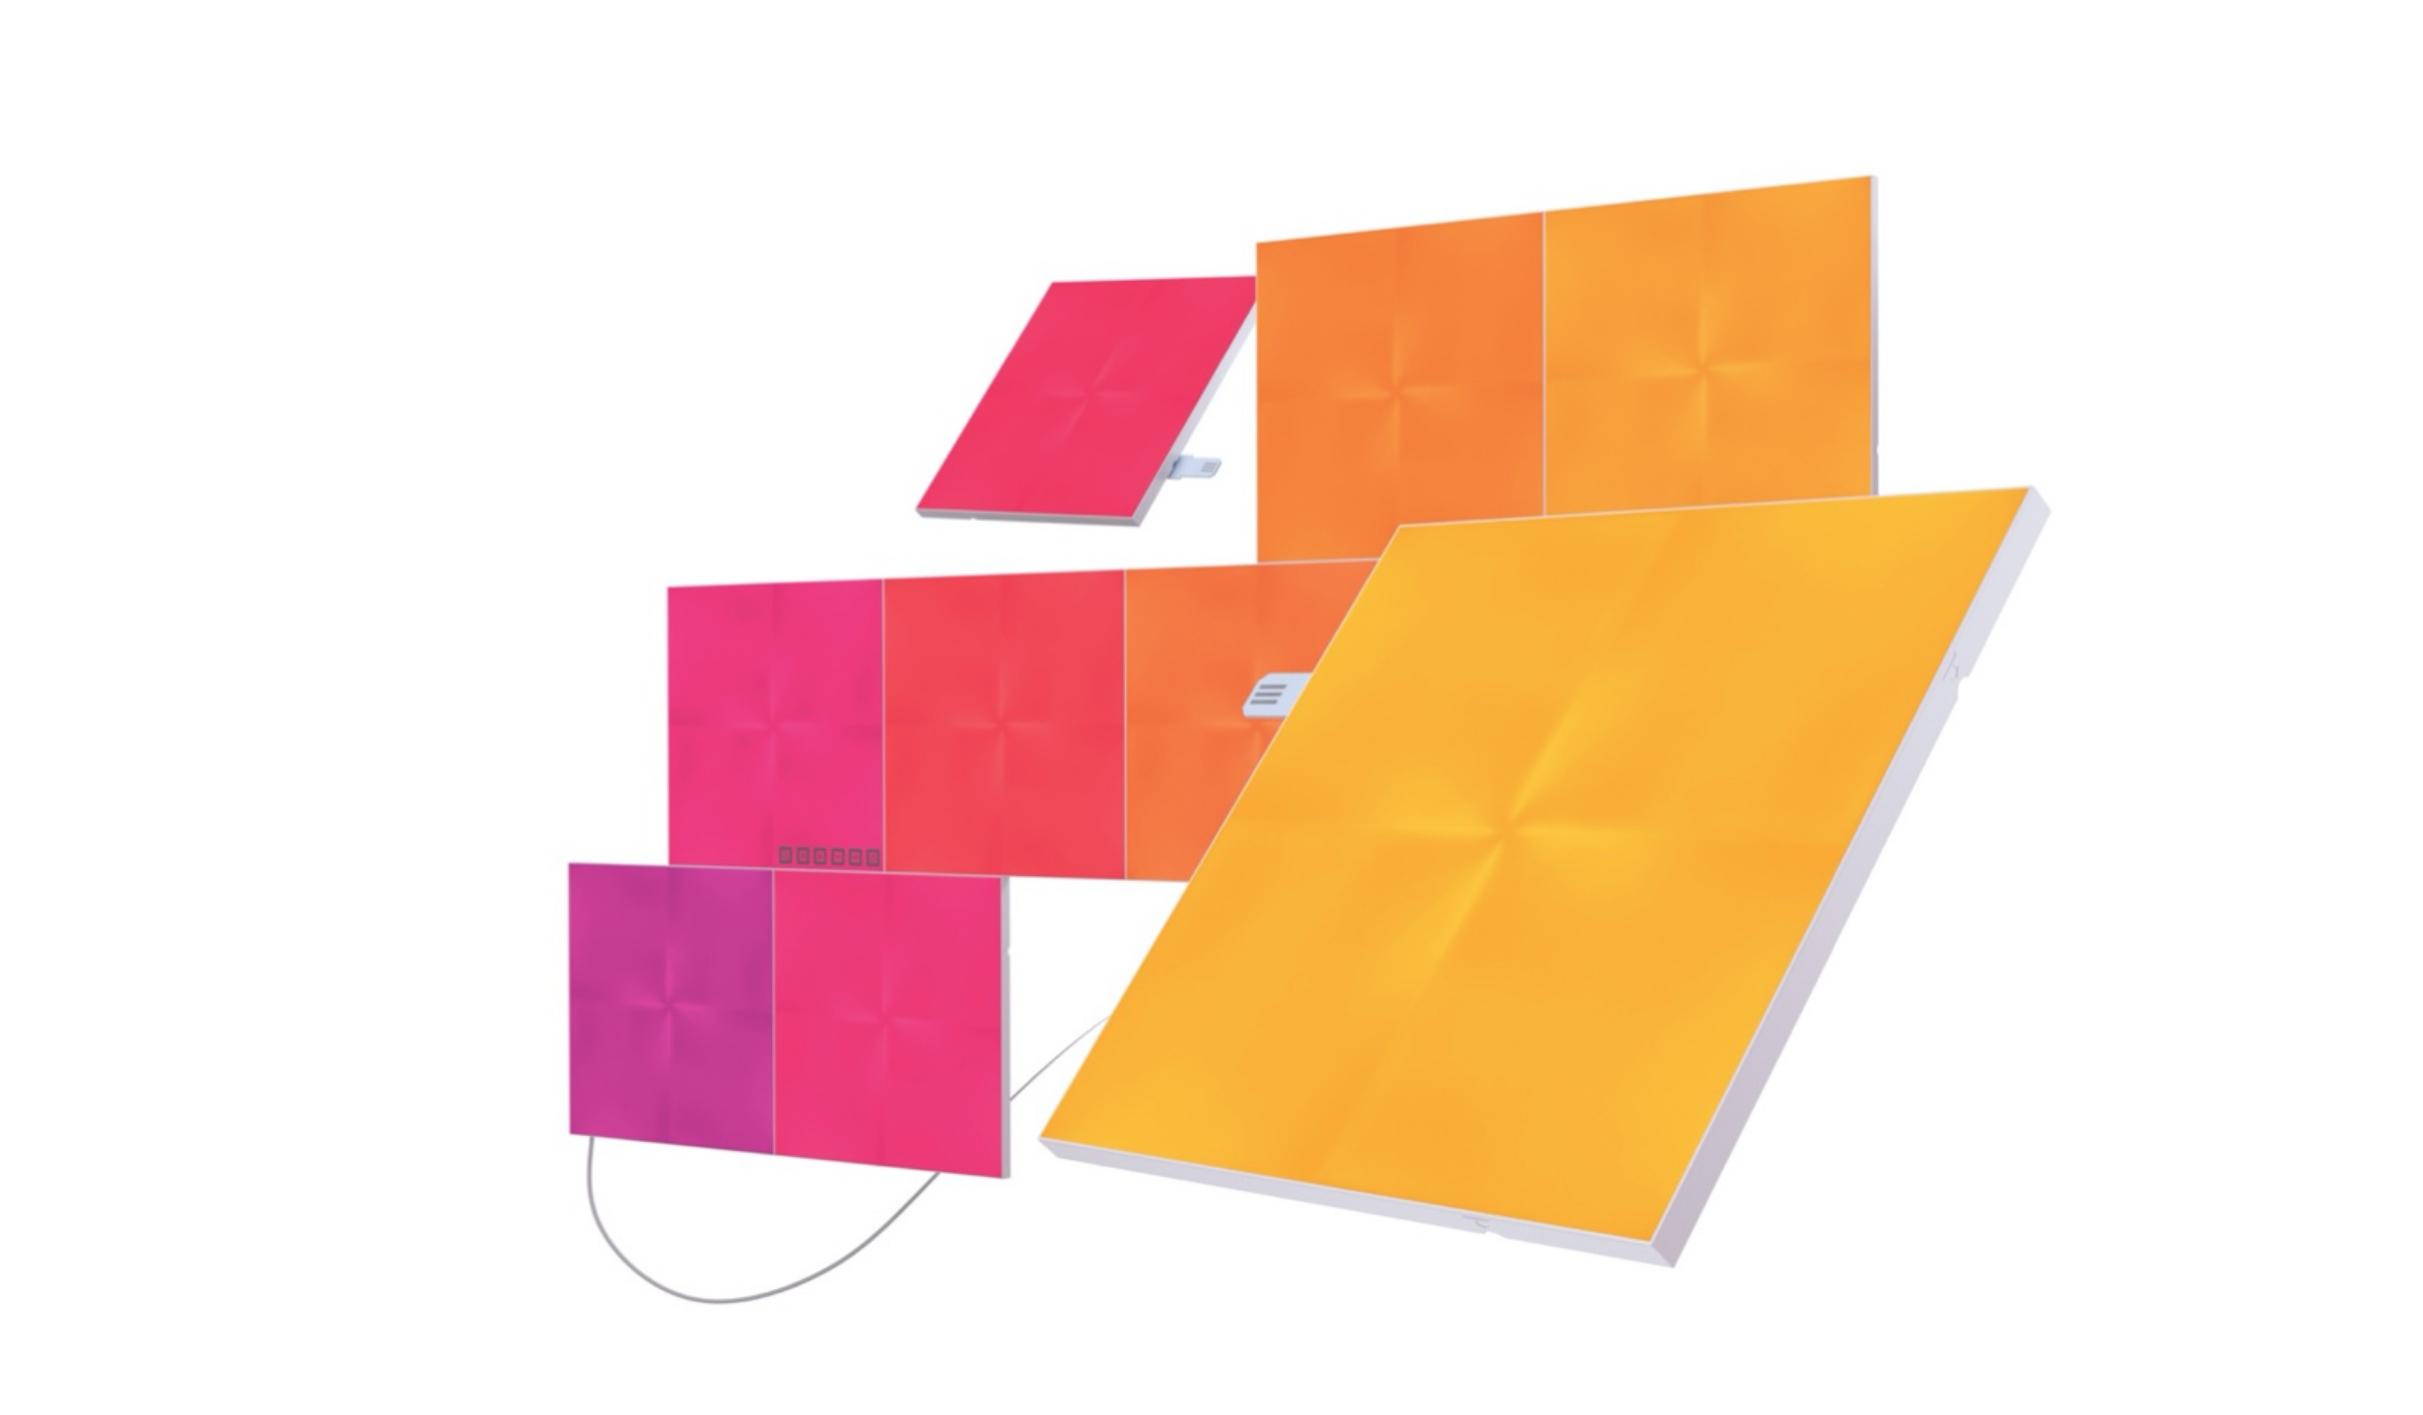 نانوليف-كانفاس الواح اضاءه  مربعة LED الذكيه-(9 حبات)